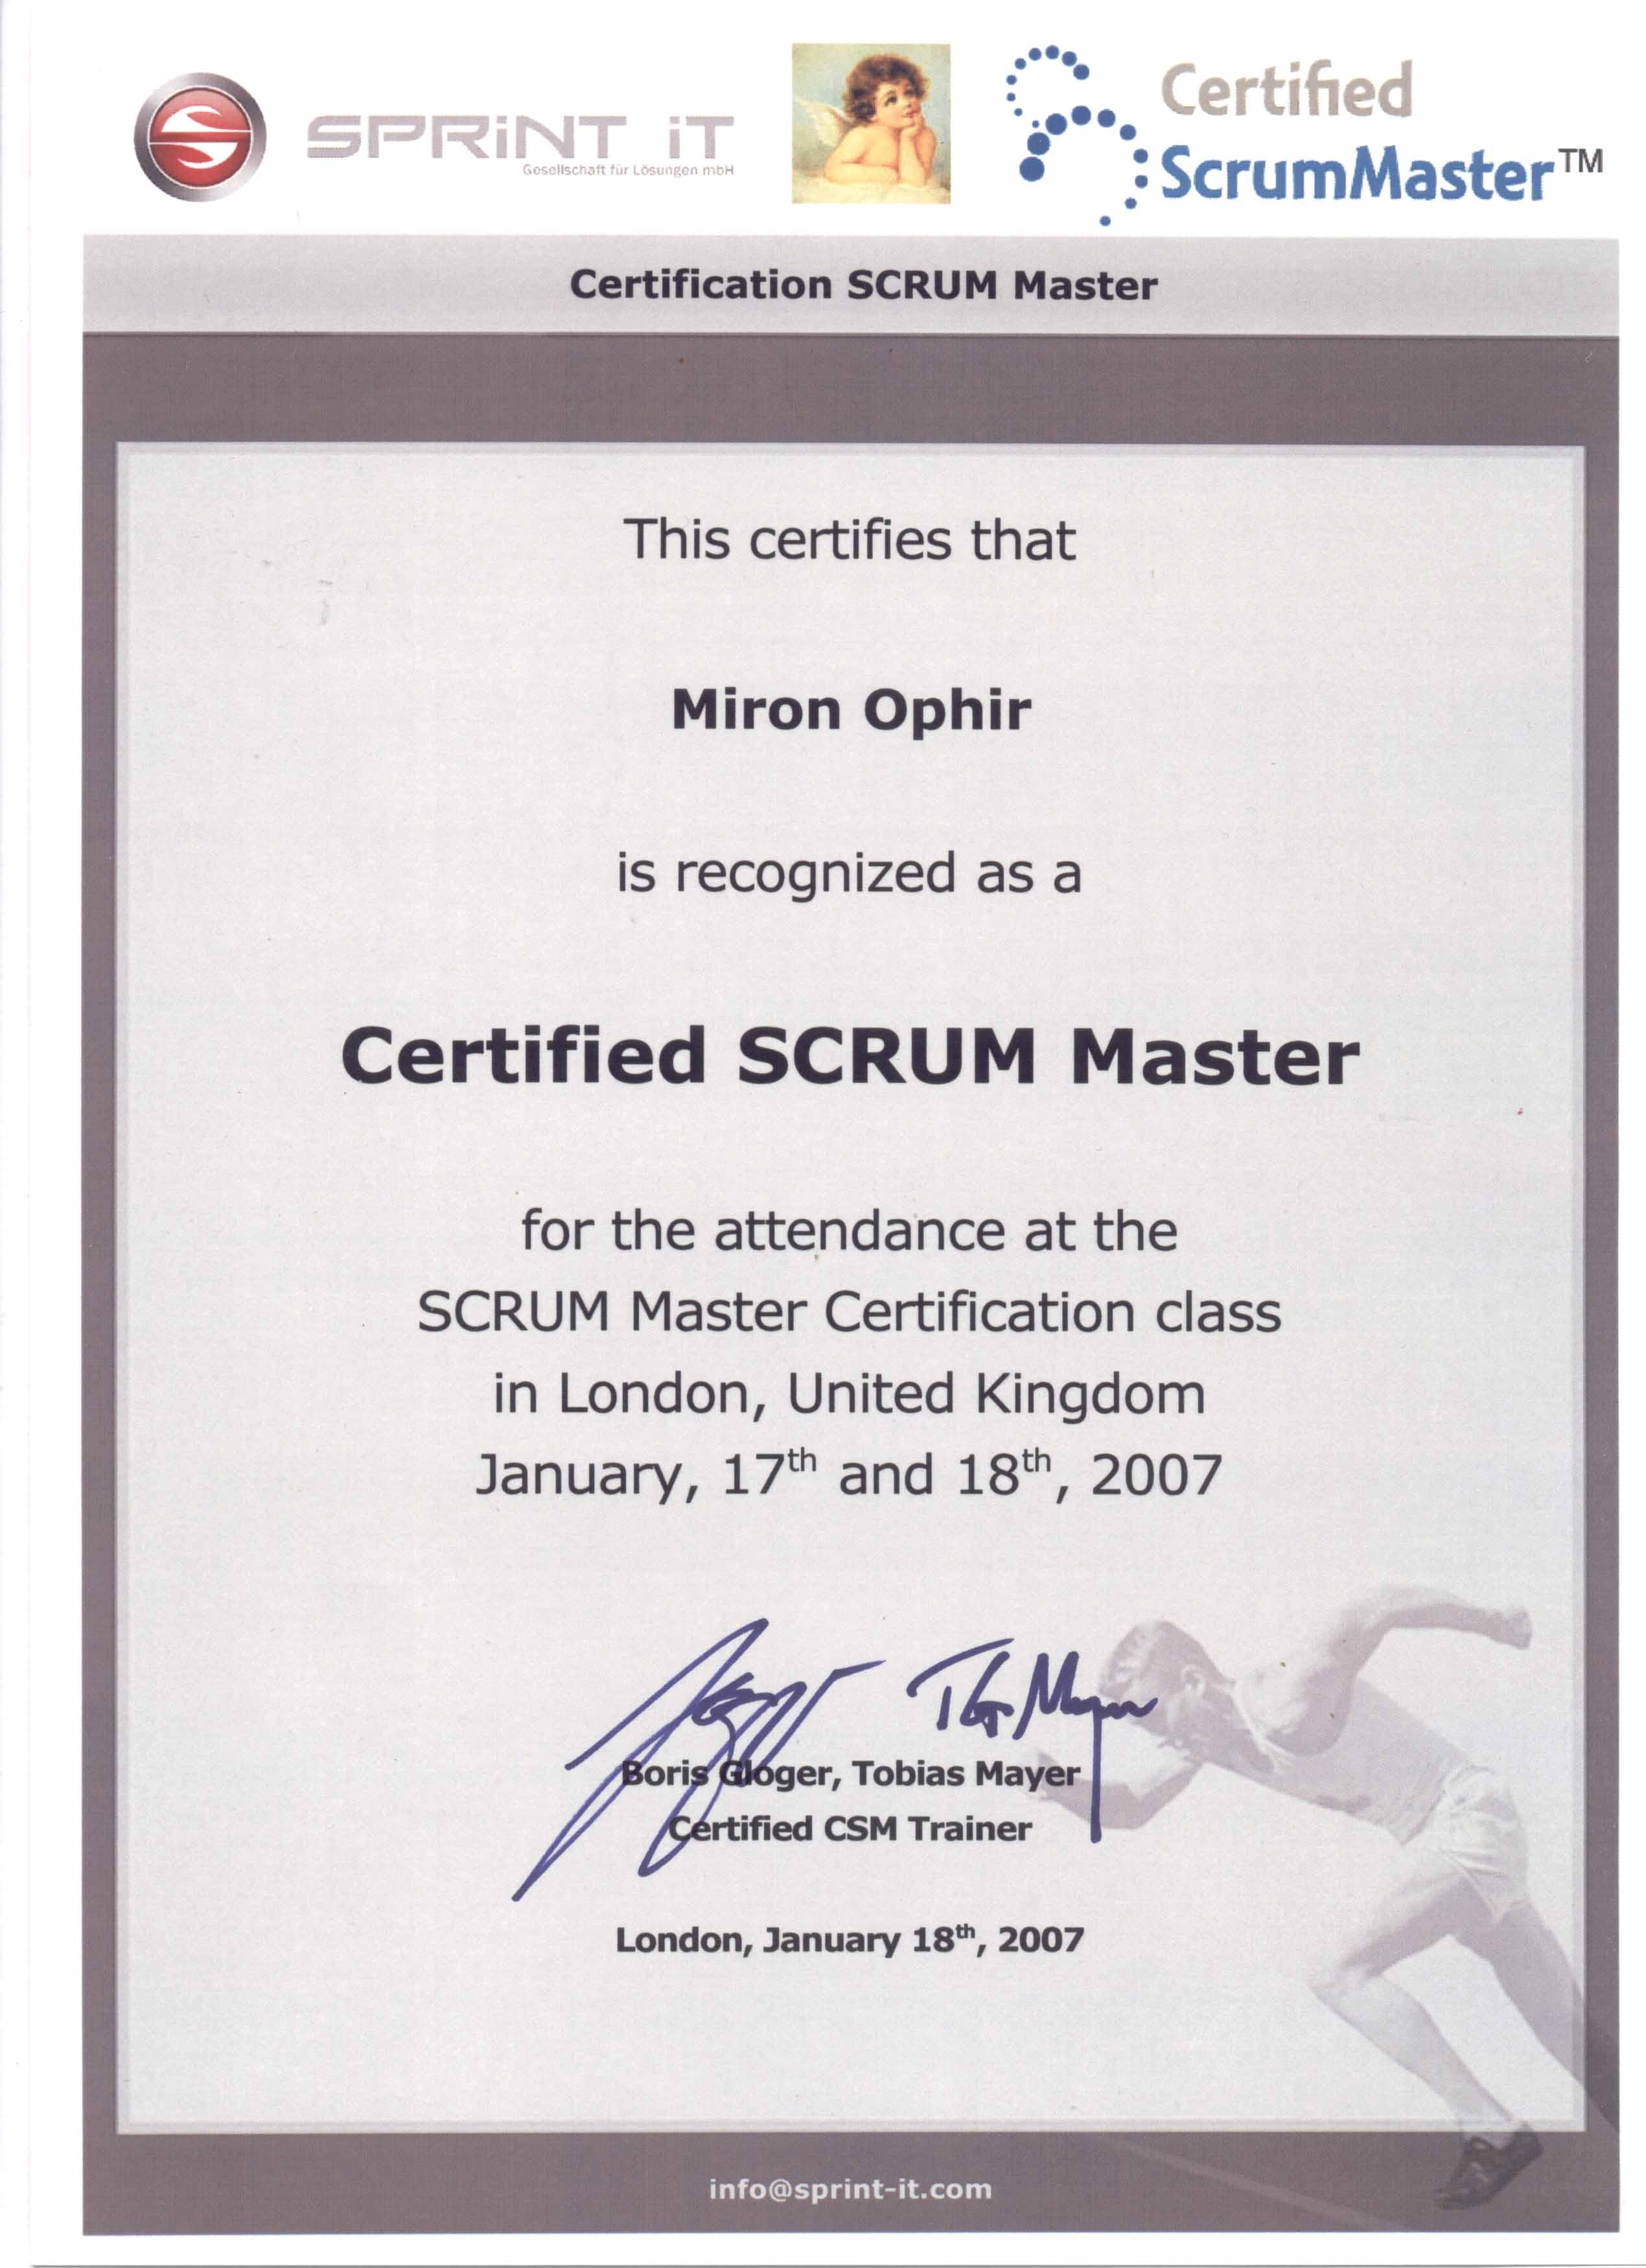 Certified SCRUM Master certificate